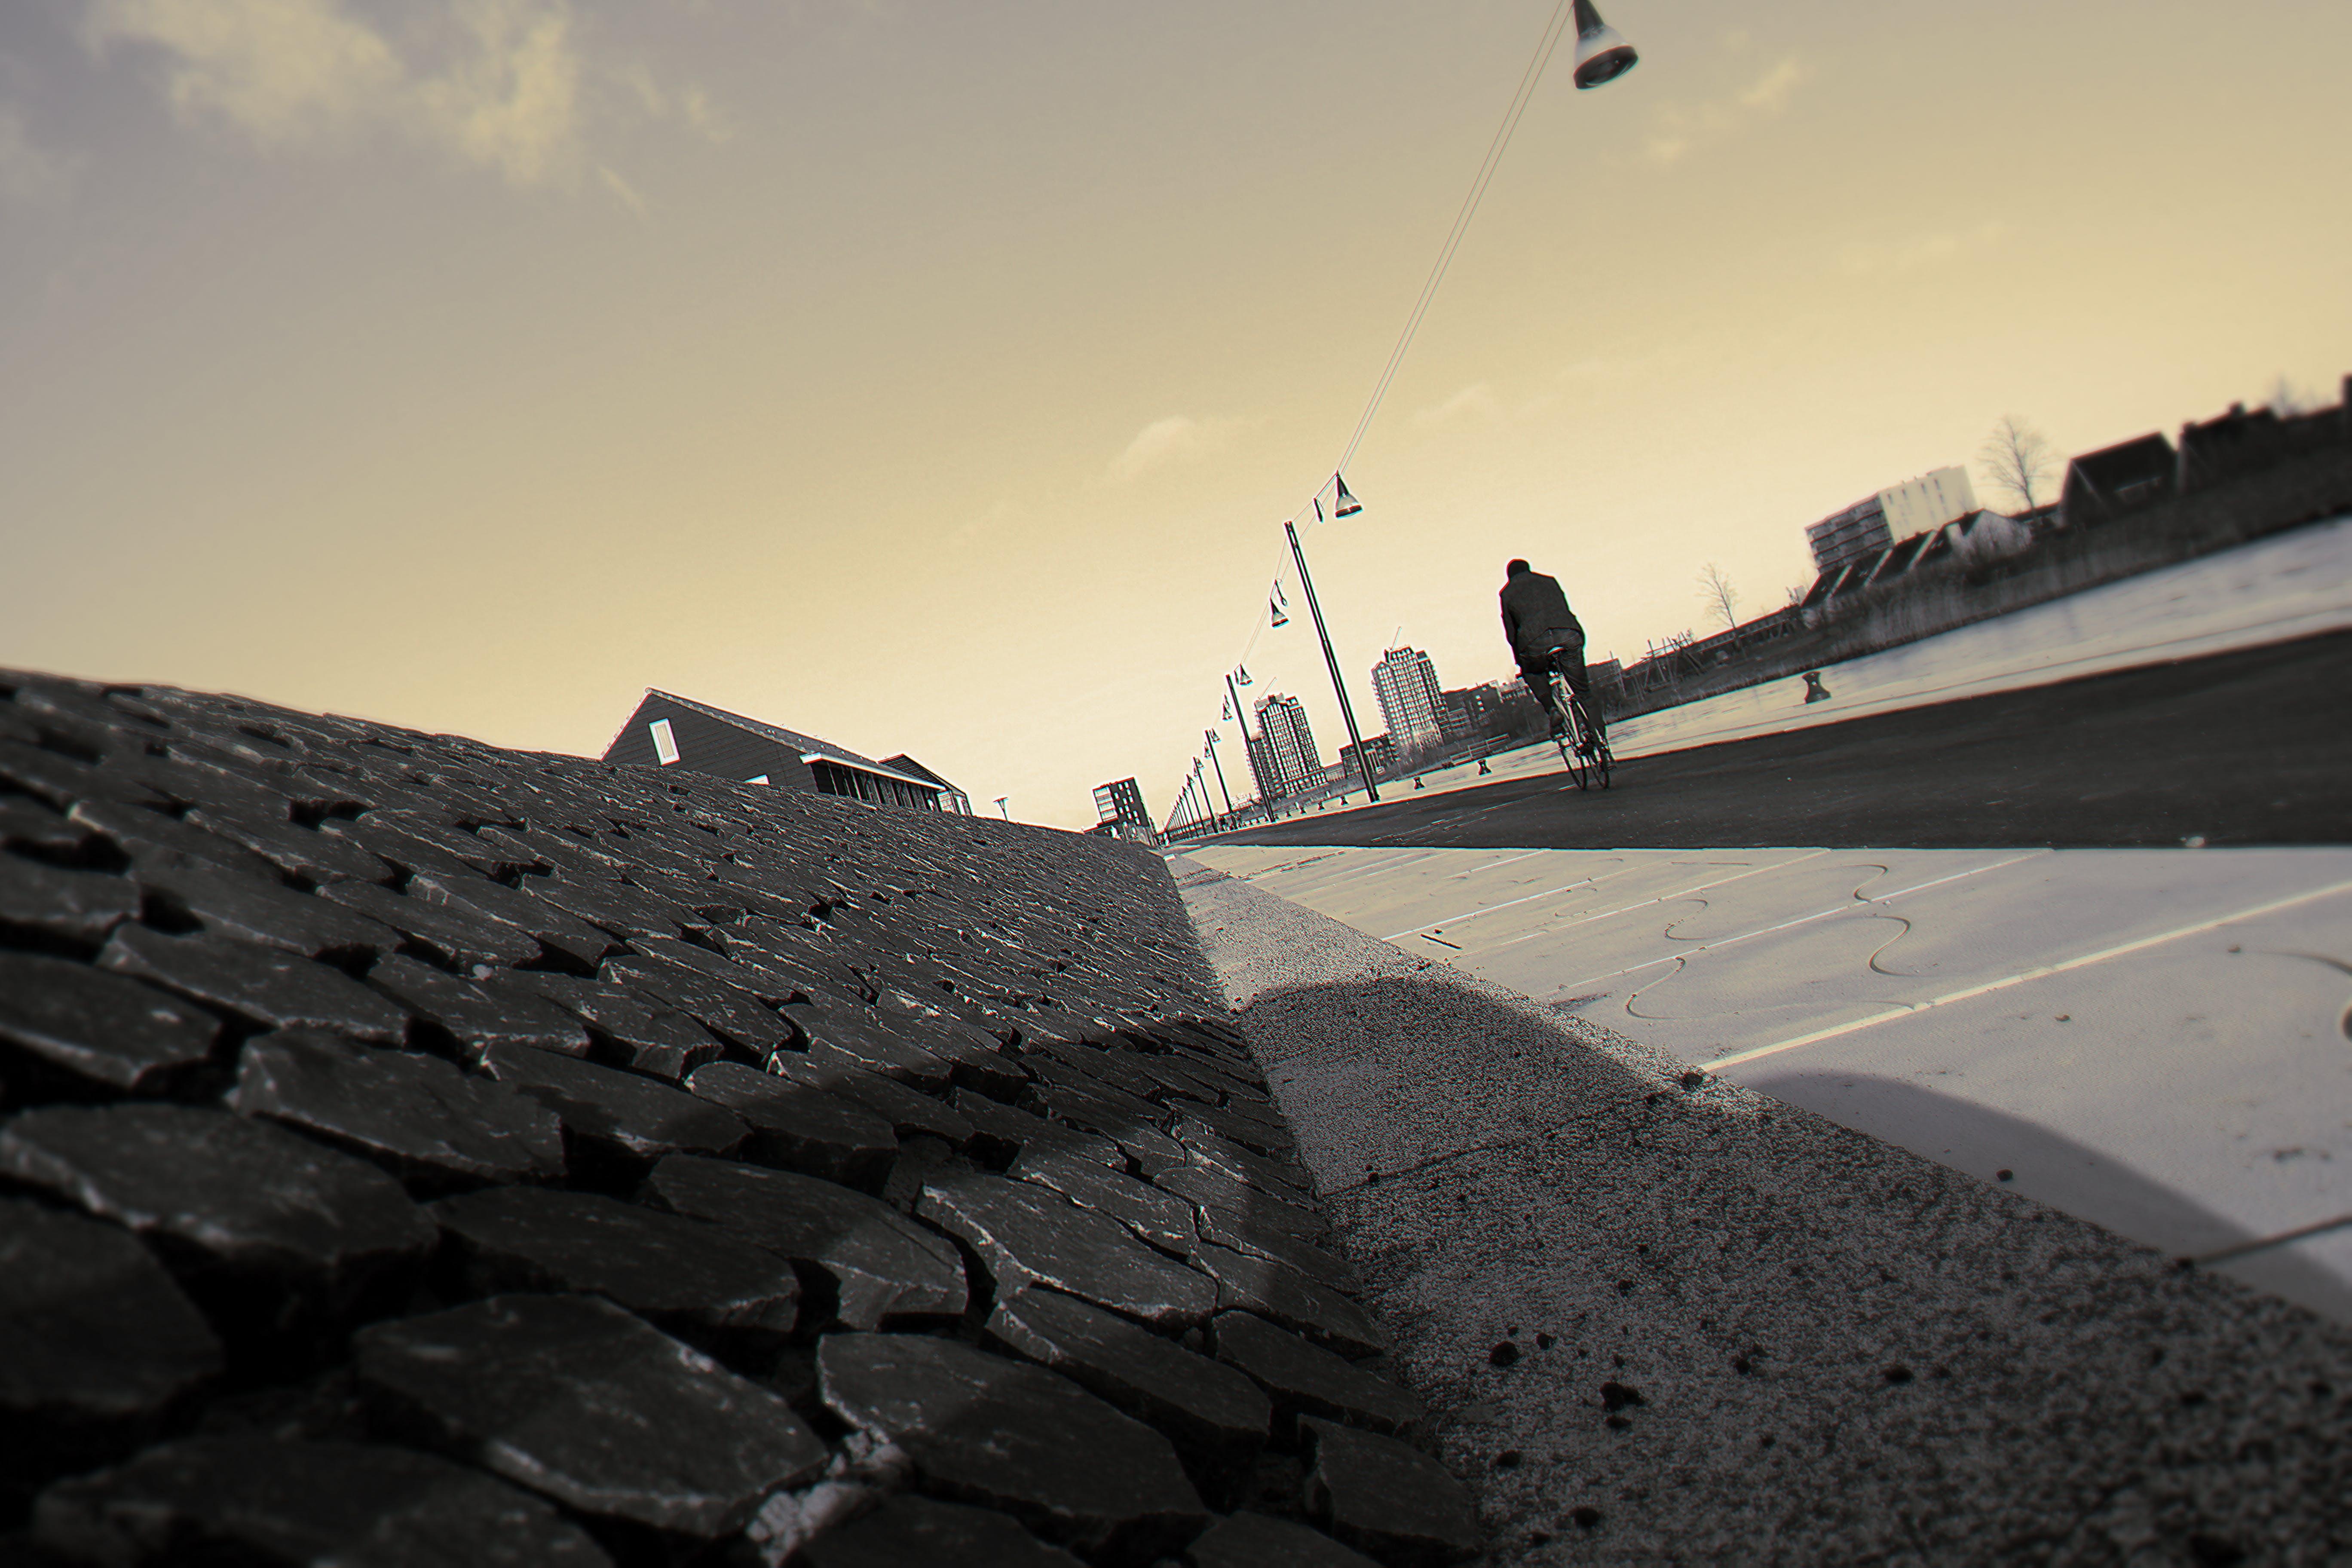 Kostenloses Stock Foto zu architektur, aufnahme von unten, bürgersteig, dämmerung